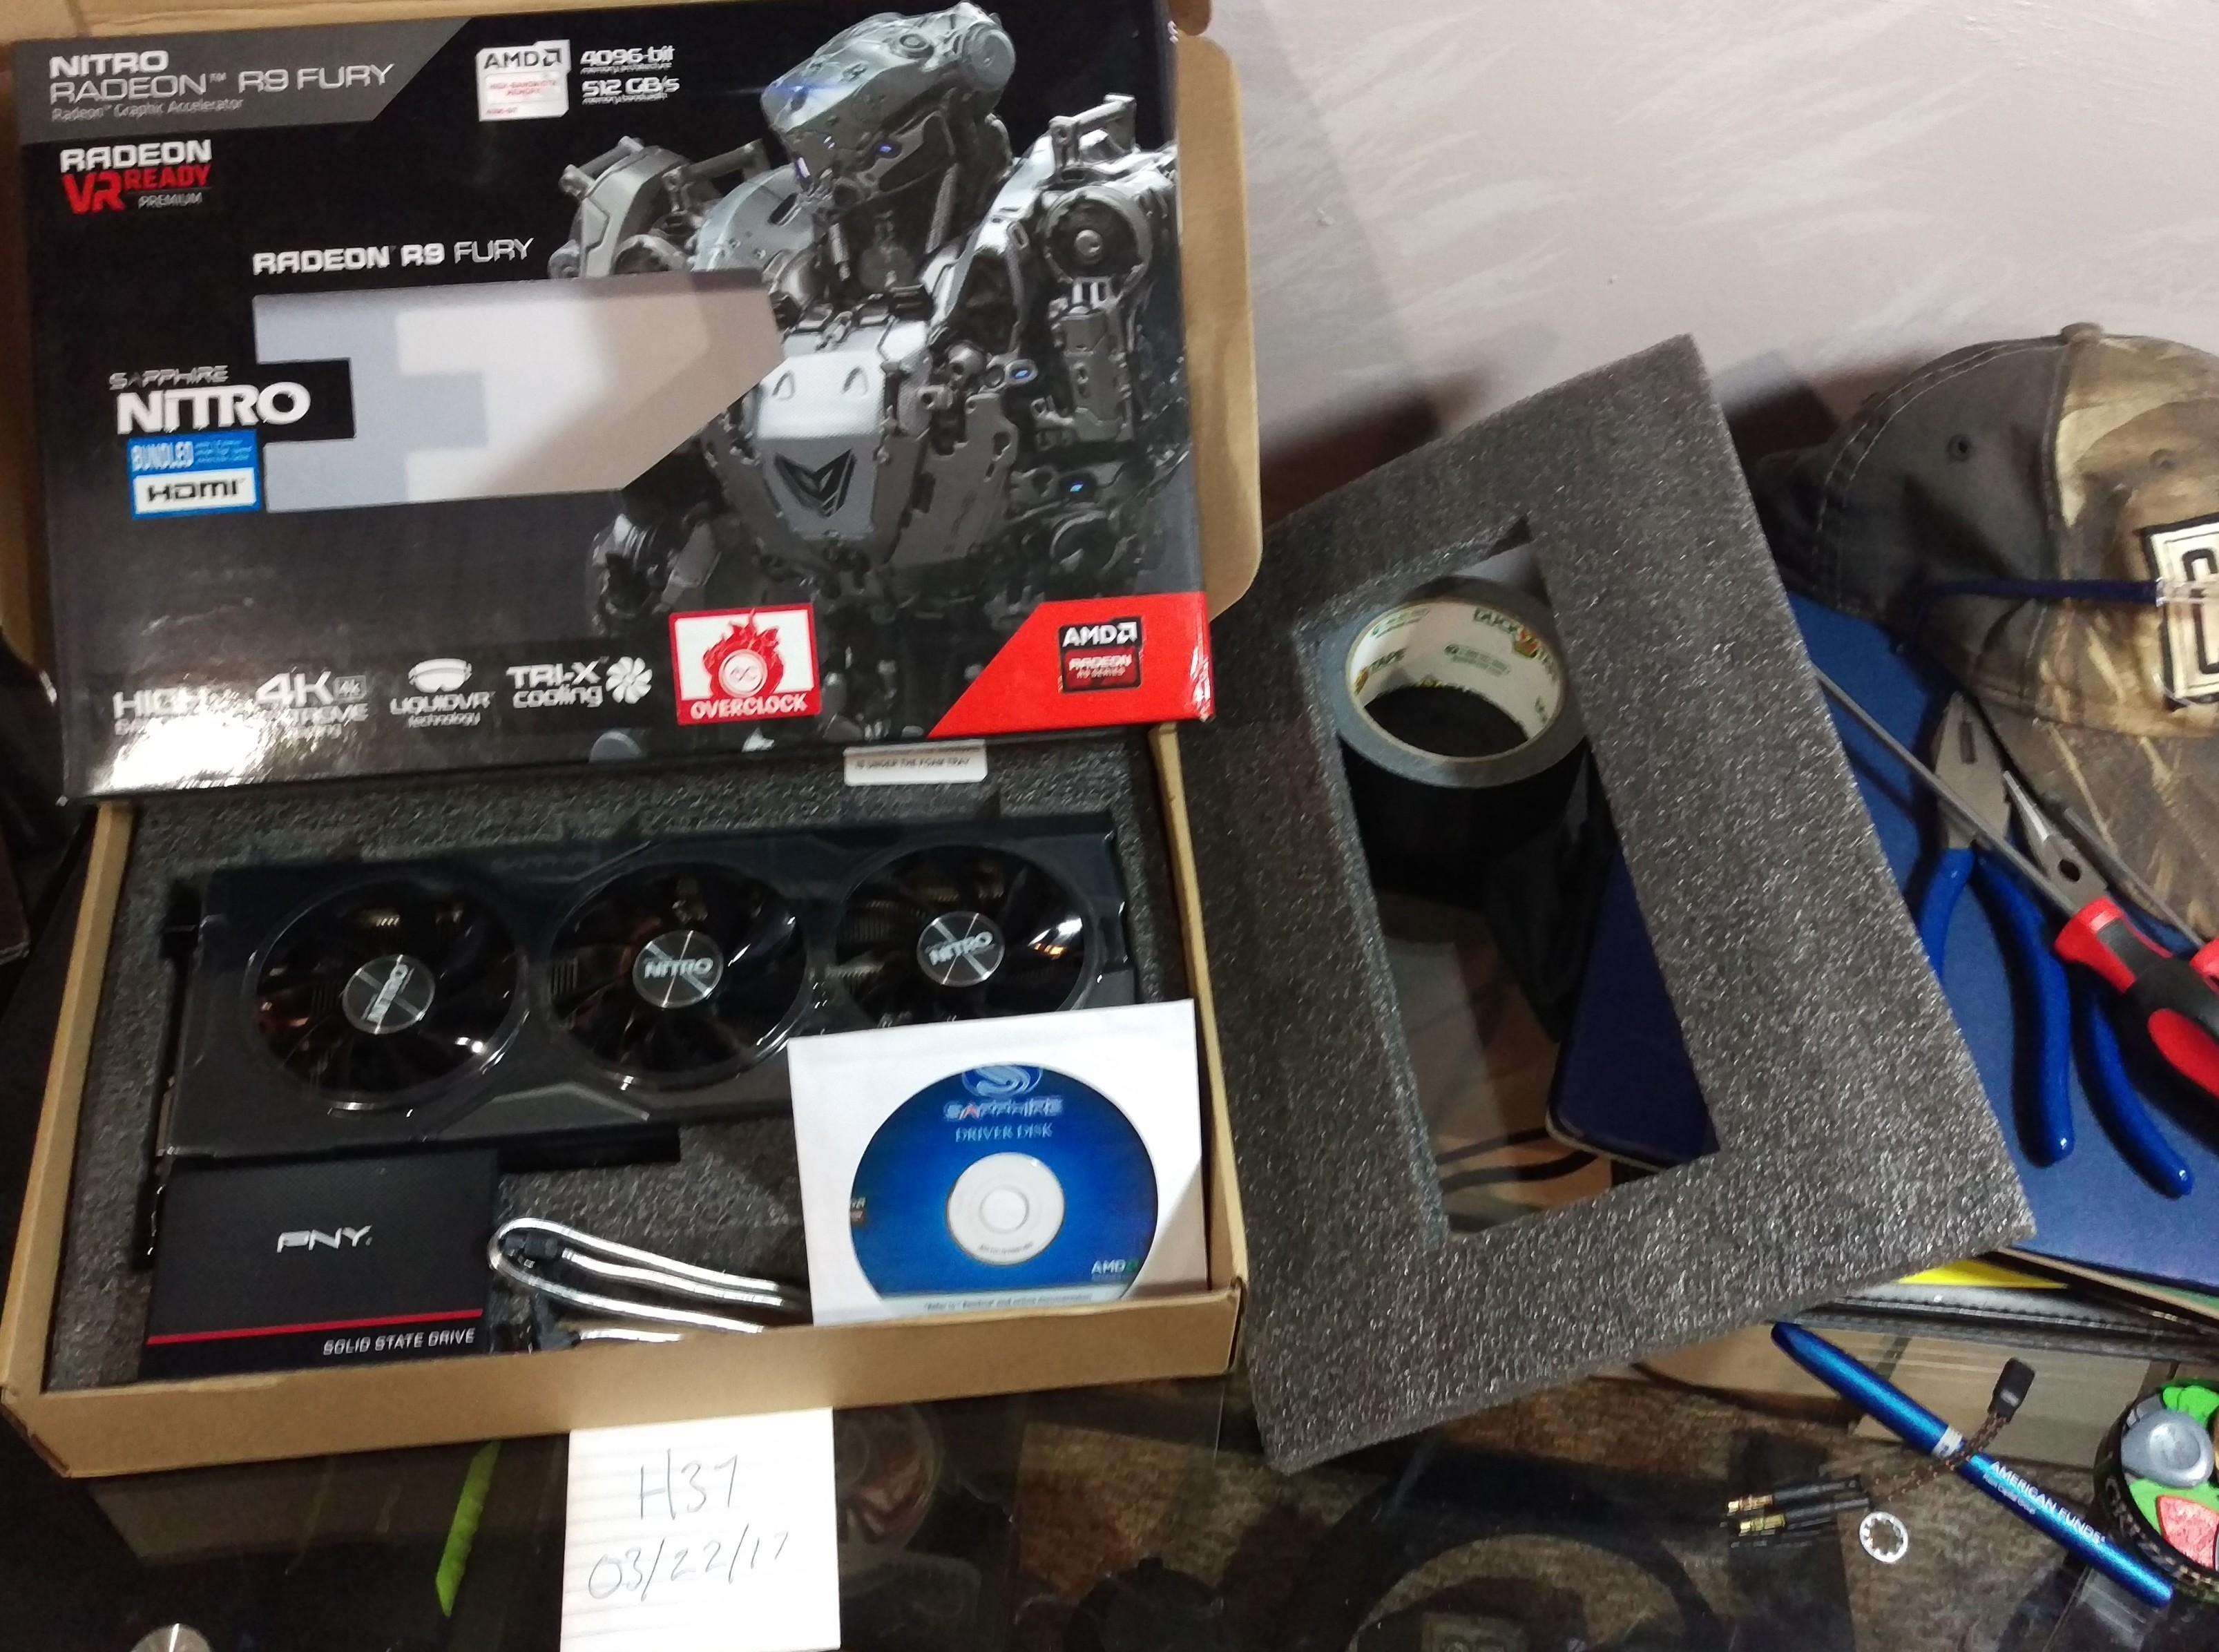 Sold Wts Gpu Ssd Bundle R9 Fury Nitro Pny 480gb Ssd Buy